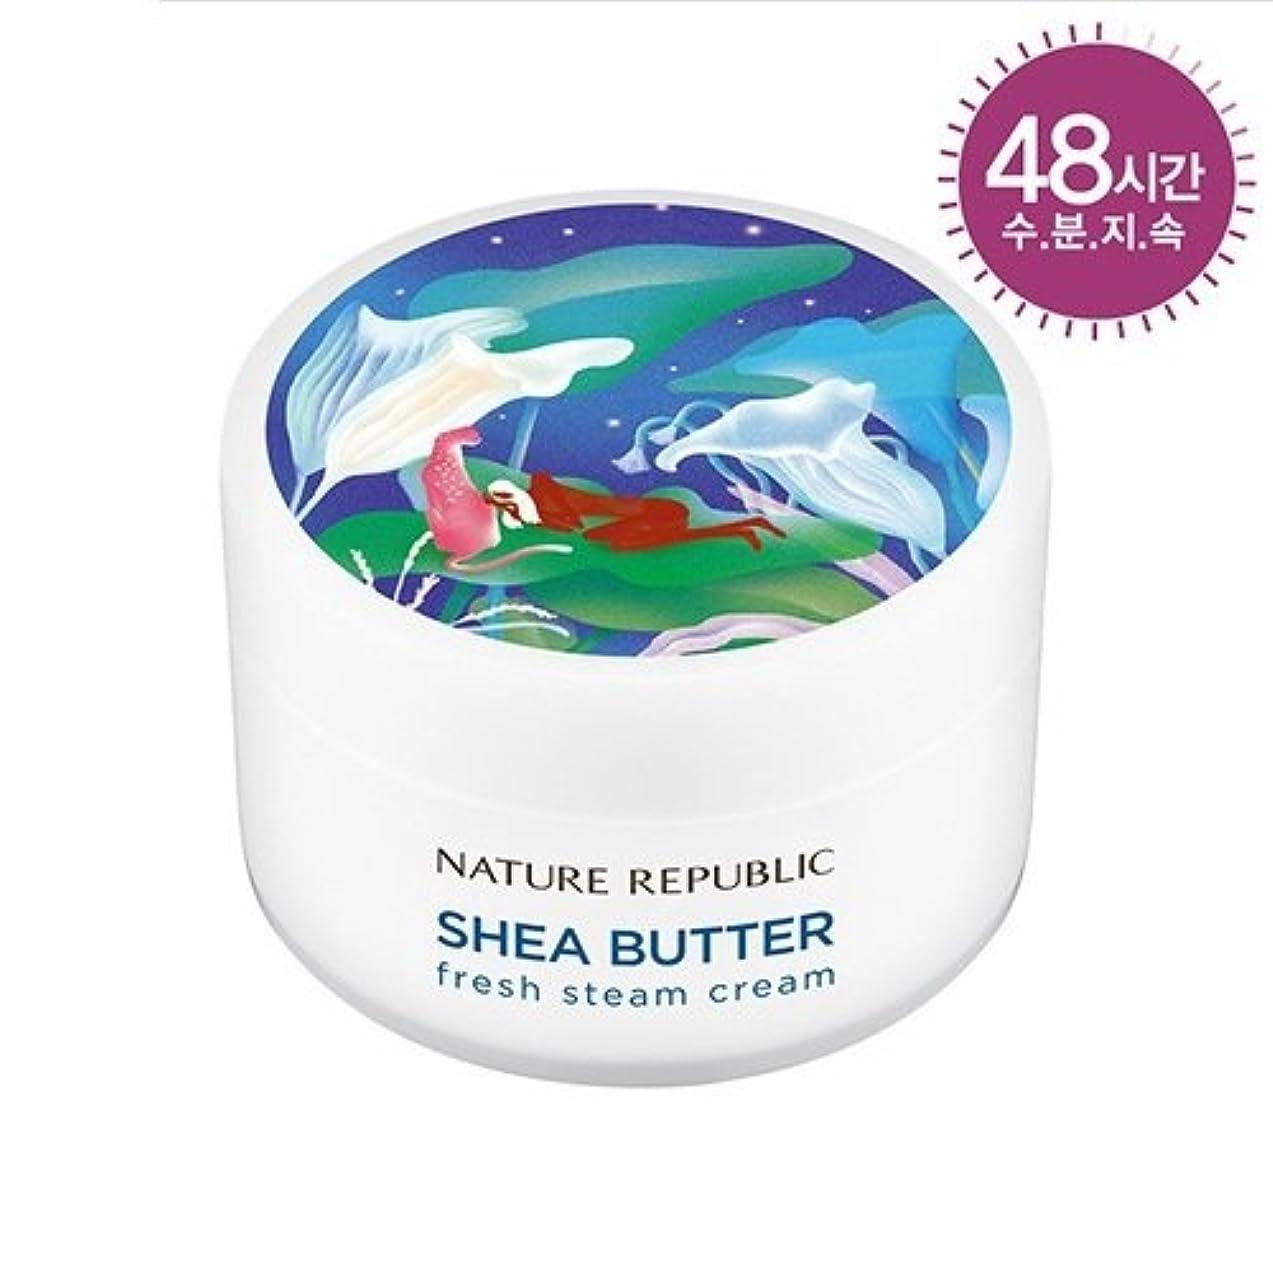 呼び起こす安らぎ子供時代NATURE REPUBLIC(ネイチャーリパブリック) SHEA BUTTER STEAM CREAM シアバター スチーム クリーム #フレッシュスオイリー肌